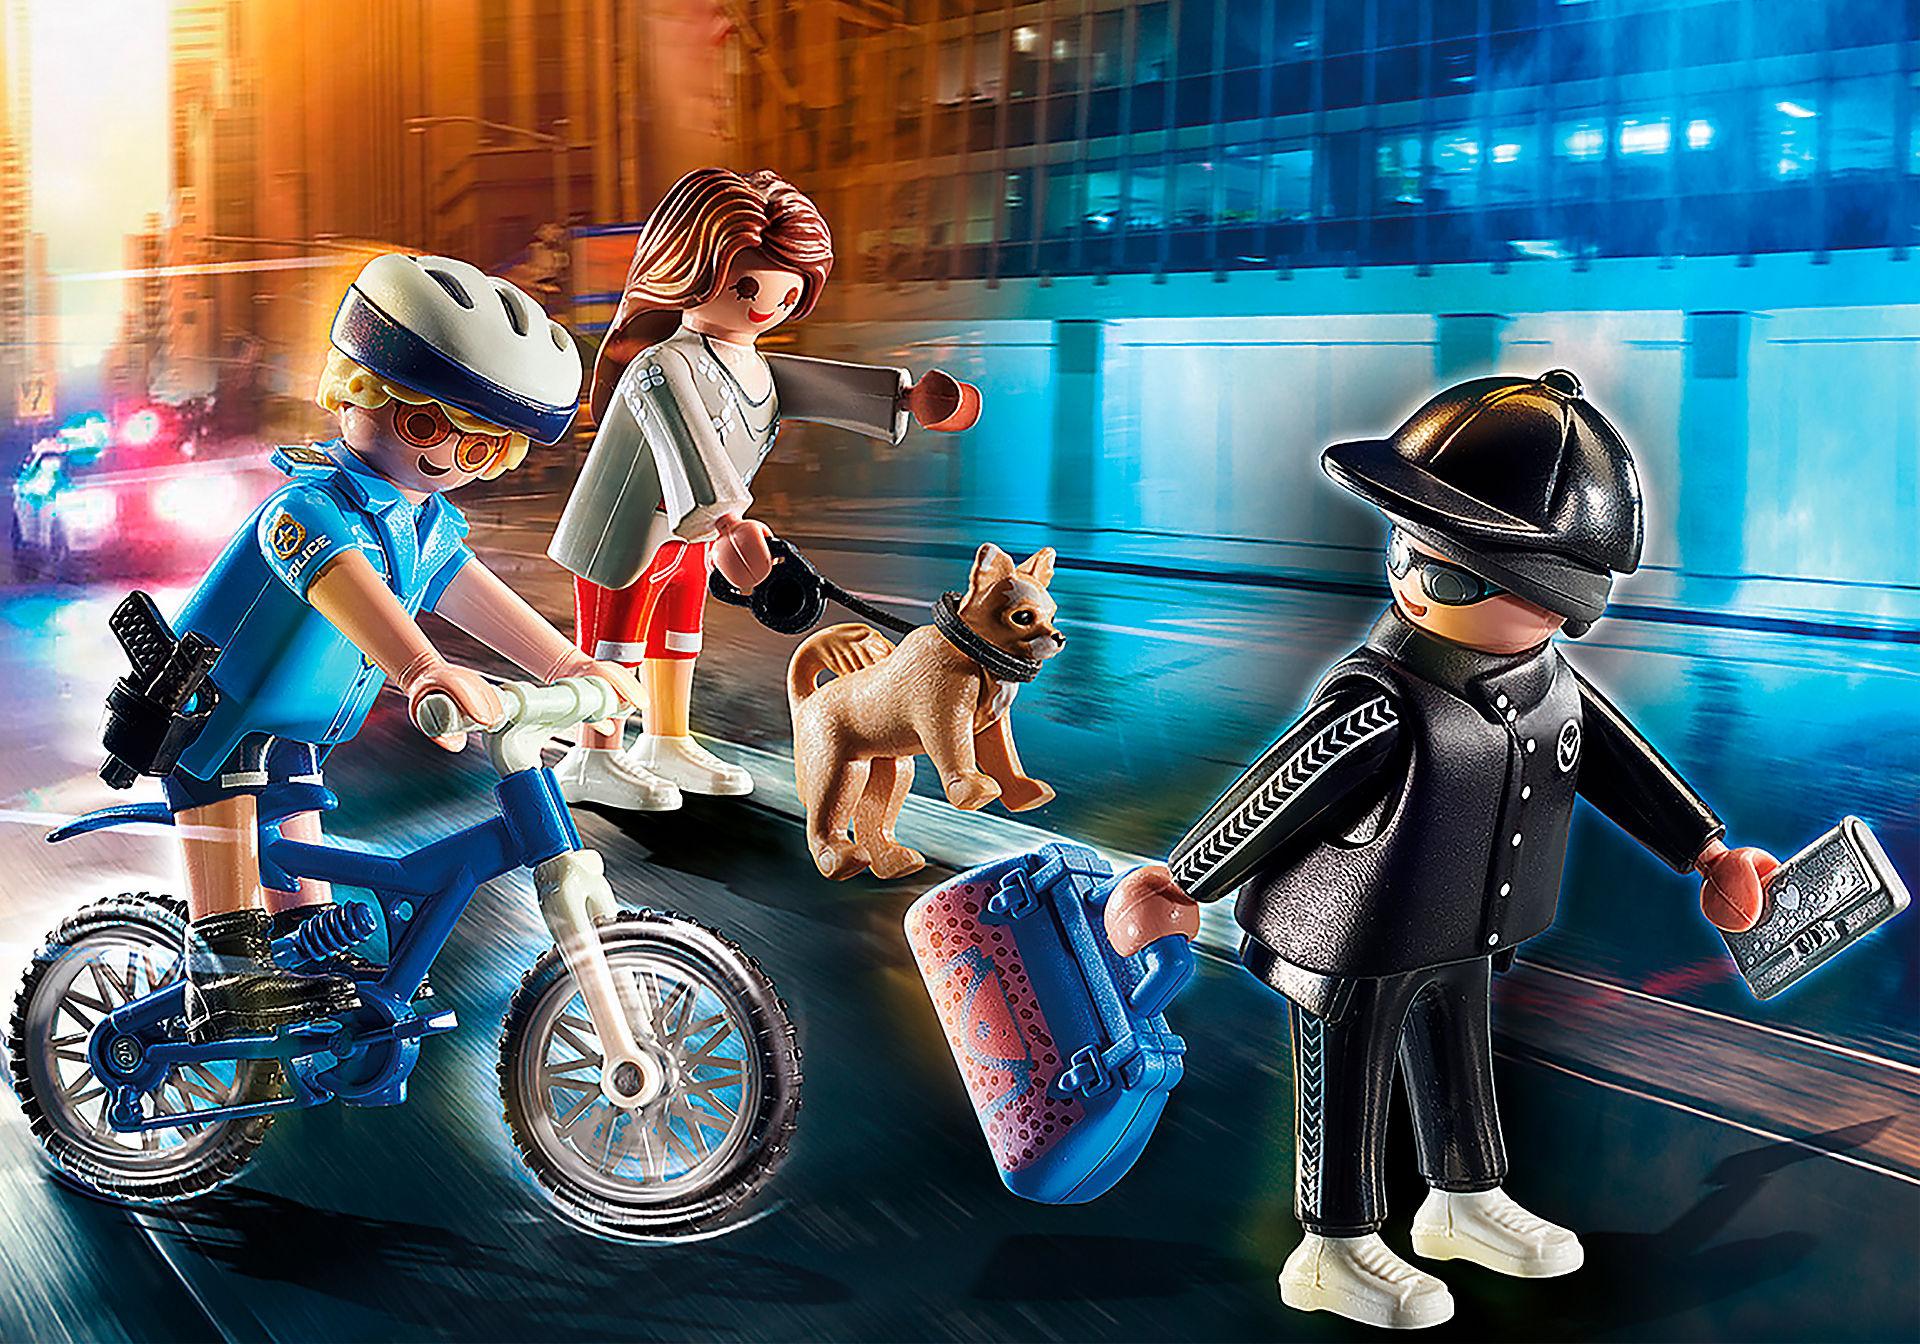 70573 Poliziotto in bici e borseggiatore zoom image1